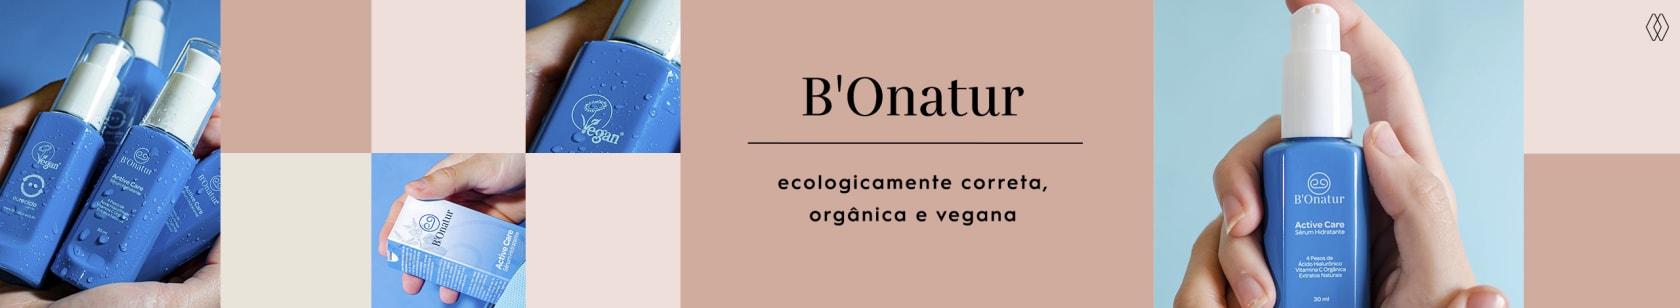 B'ONATUR | AMARO